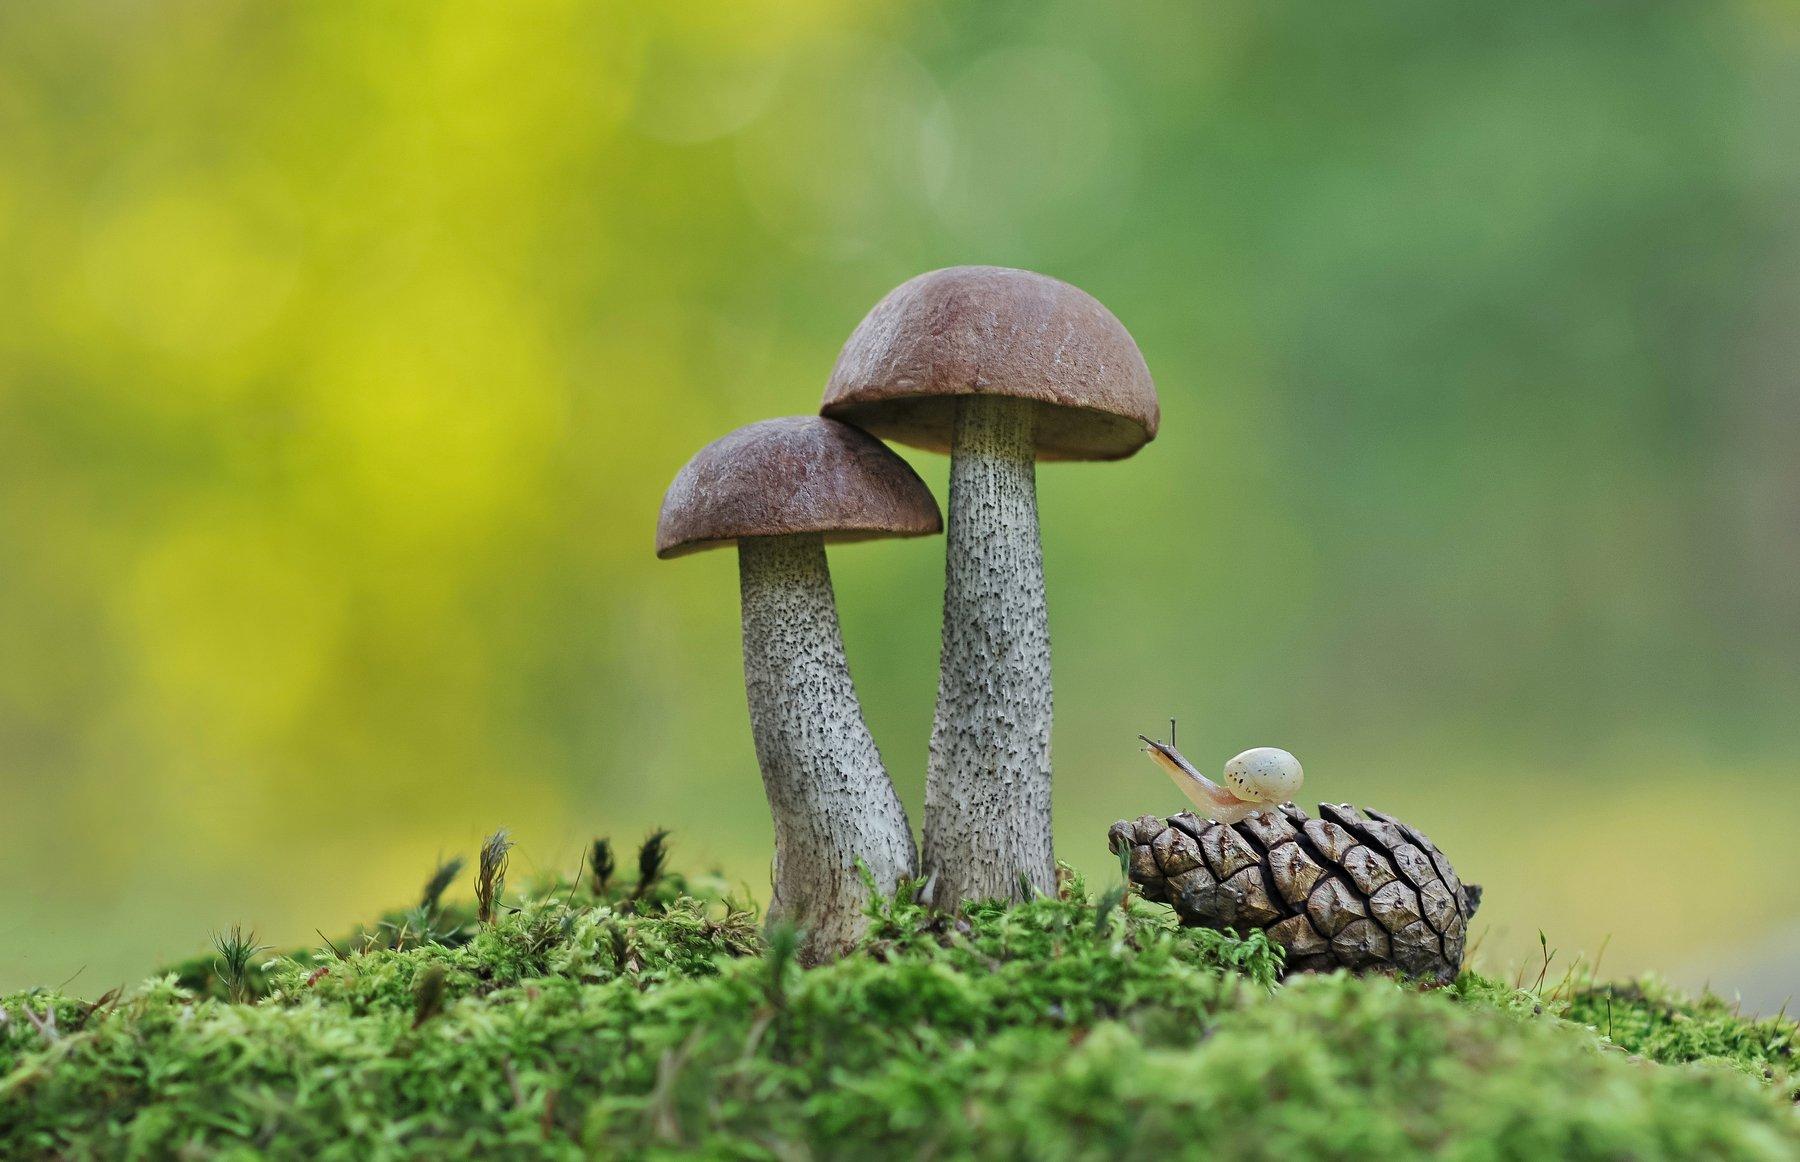 грибы, улитка, природа, Александр Гвоздь